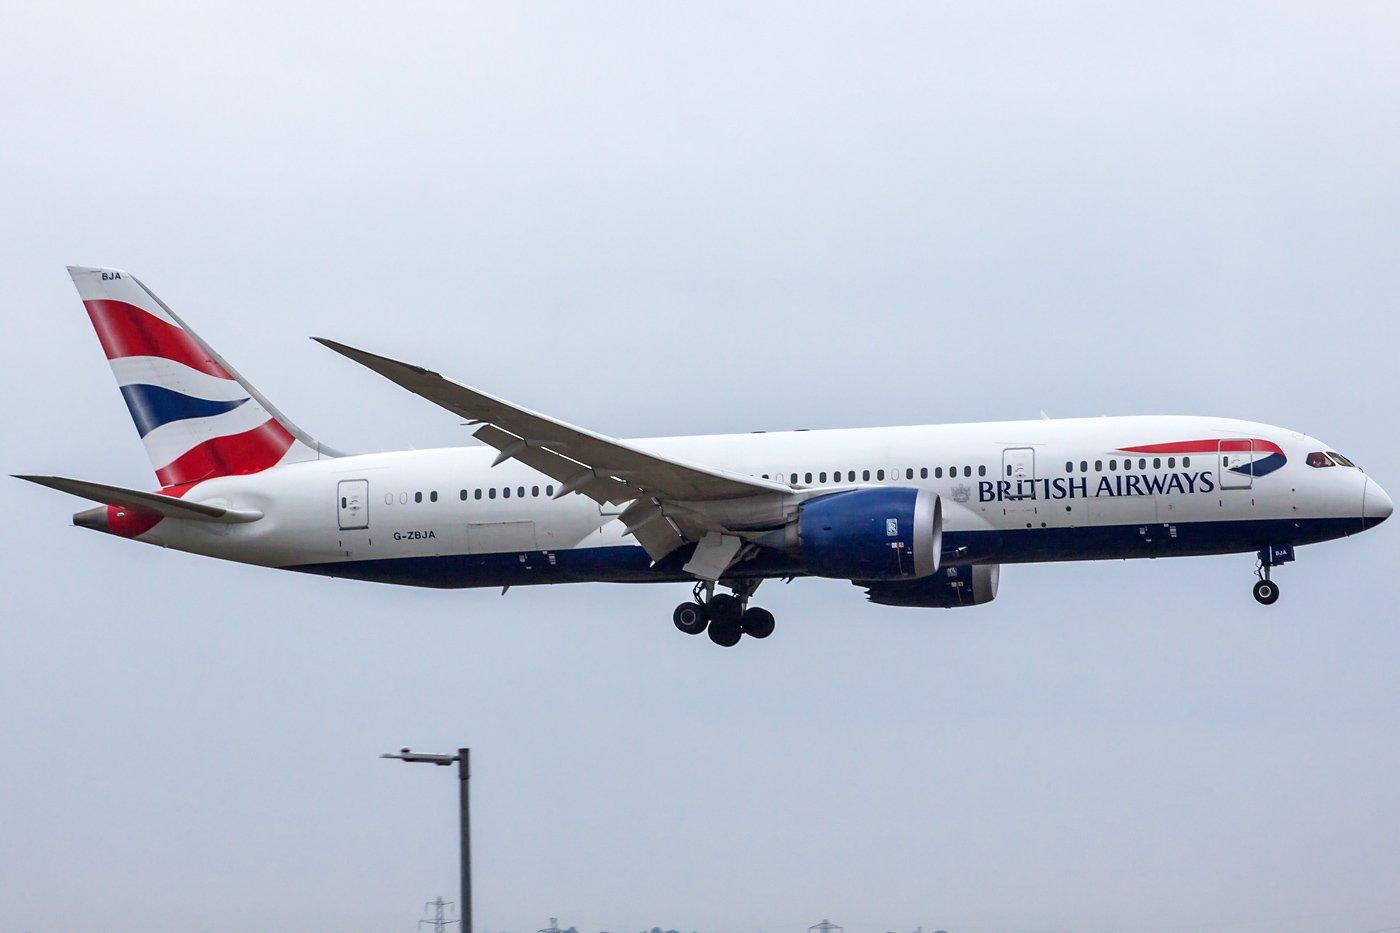 British Airways Boeing 787-8 Dreamliner G-ZBJA